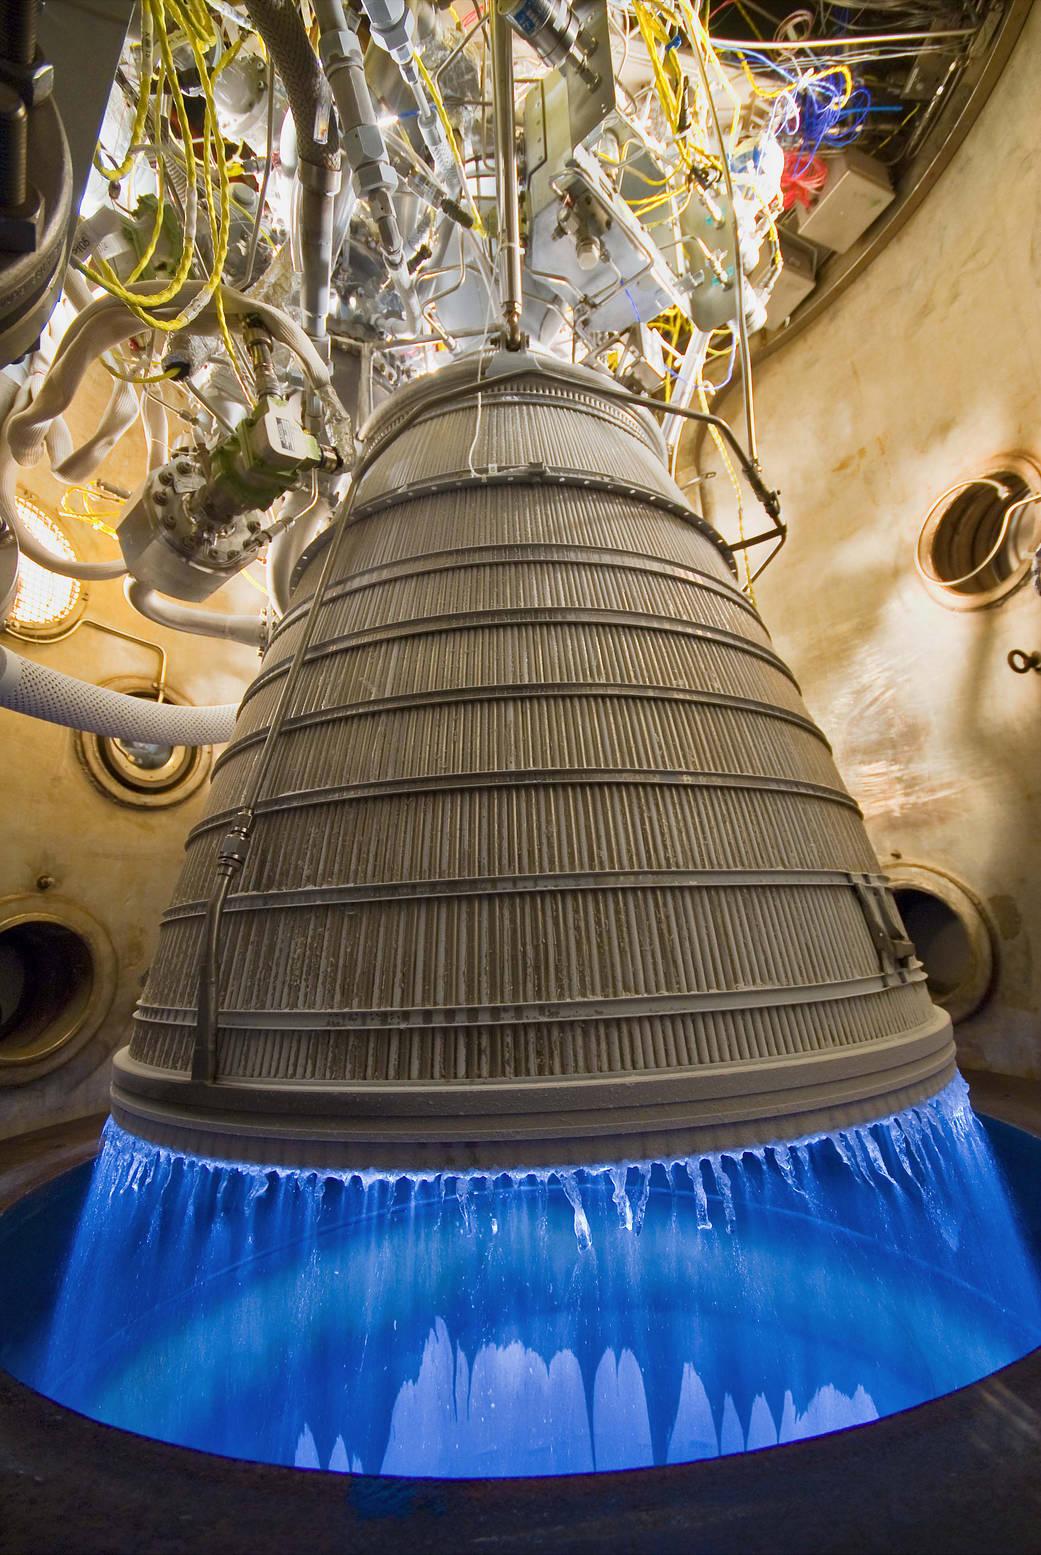 Awesome NASA Megarocket Engine Test Burns Blue (Photo)